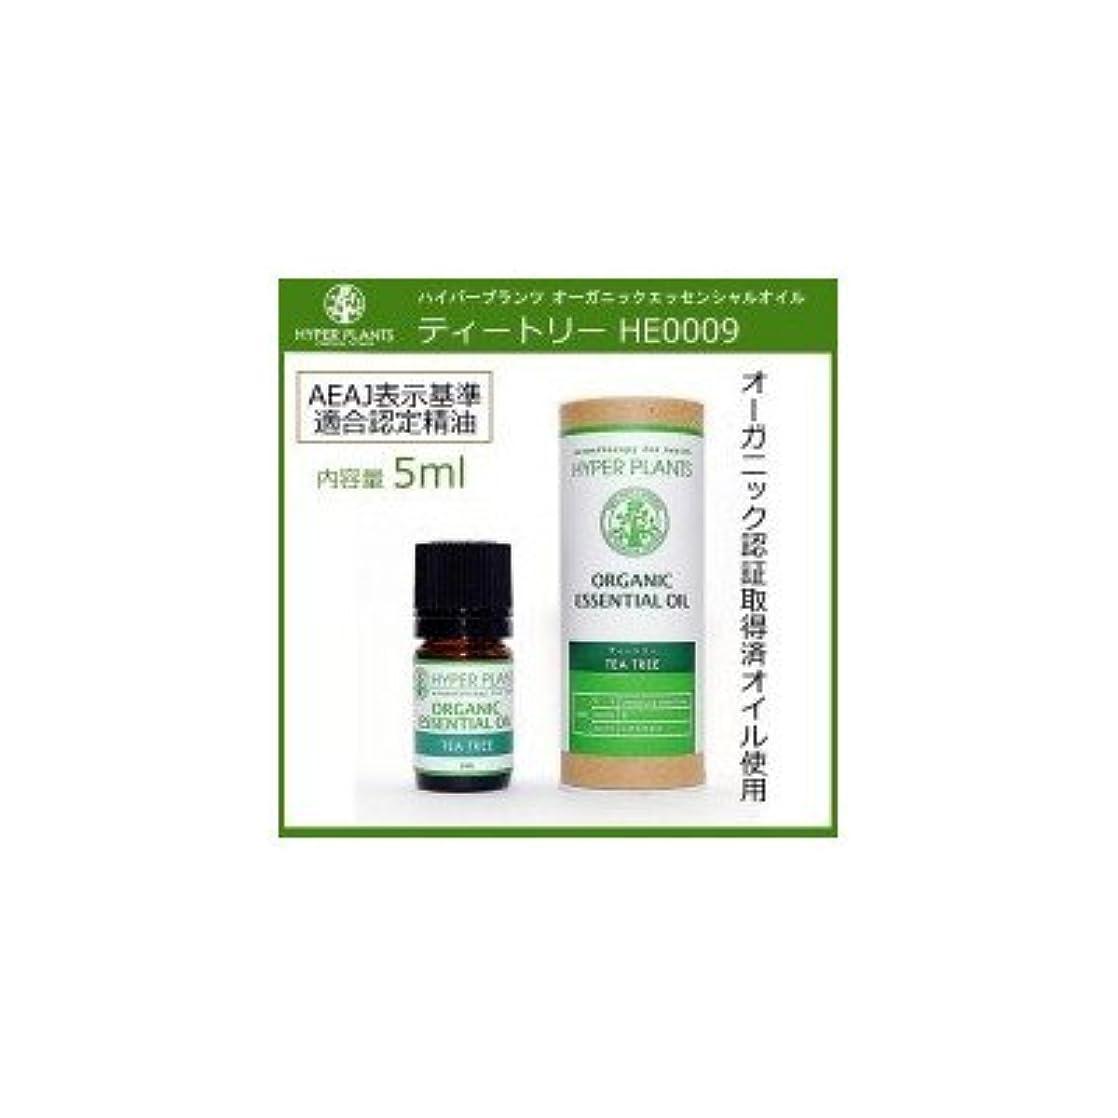 軽減み器具毎日の生活にアロマの香りを HYPER PLANTS ハイパープランツ オーガニックエッセンシャルオイル ティートリー 5ml HE0009